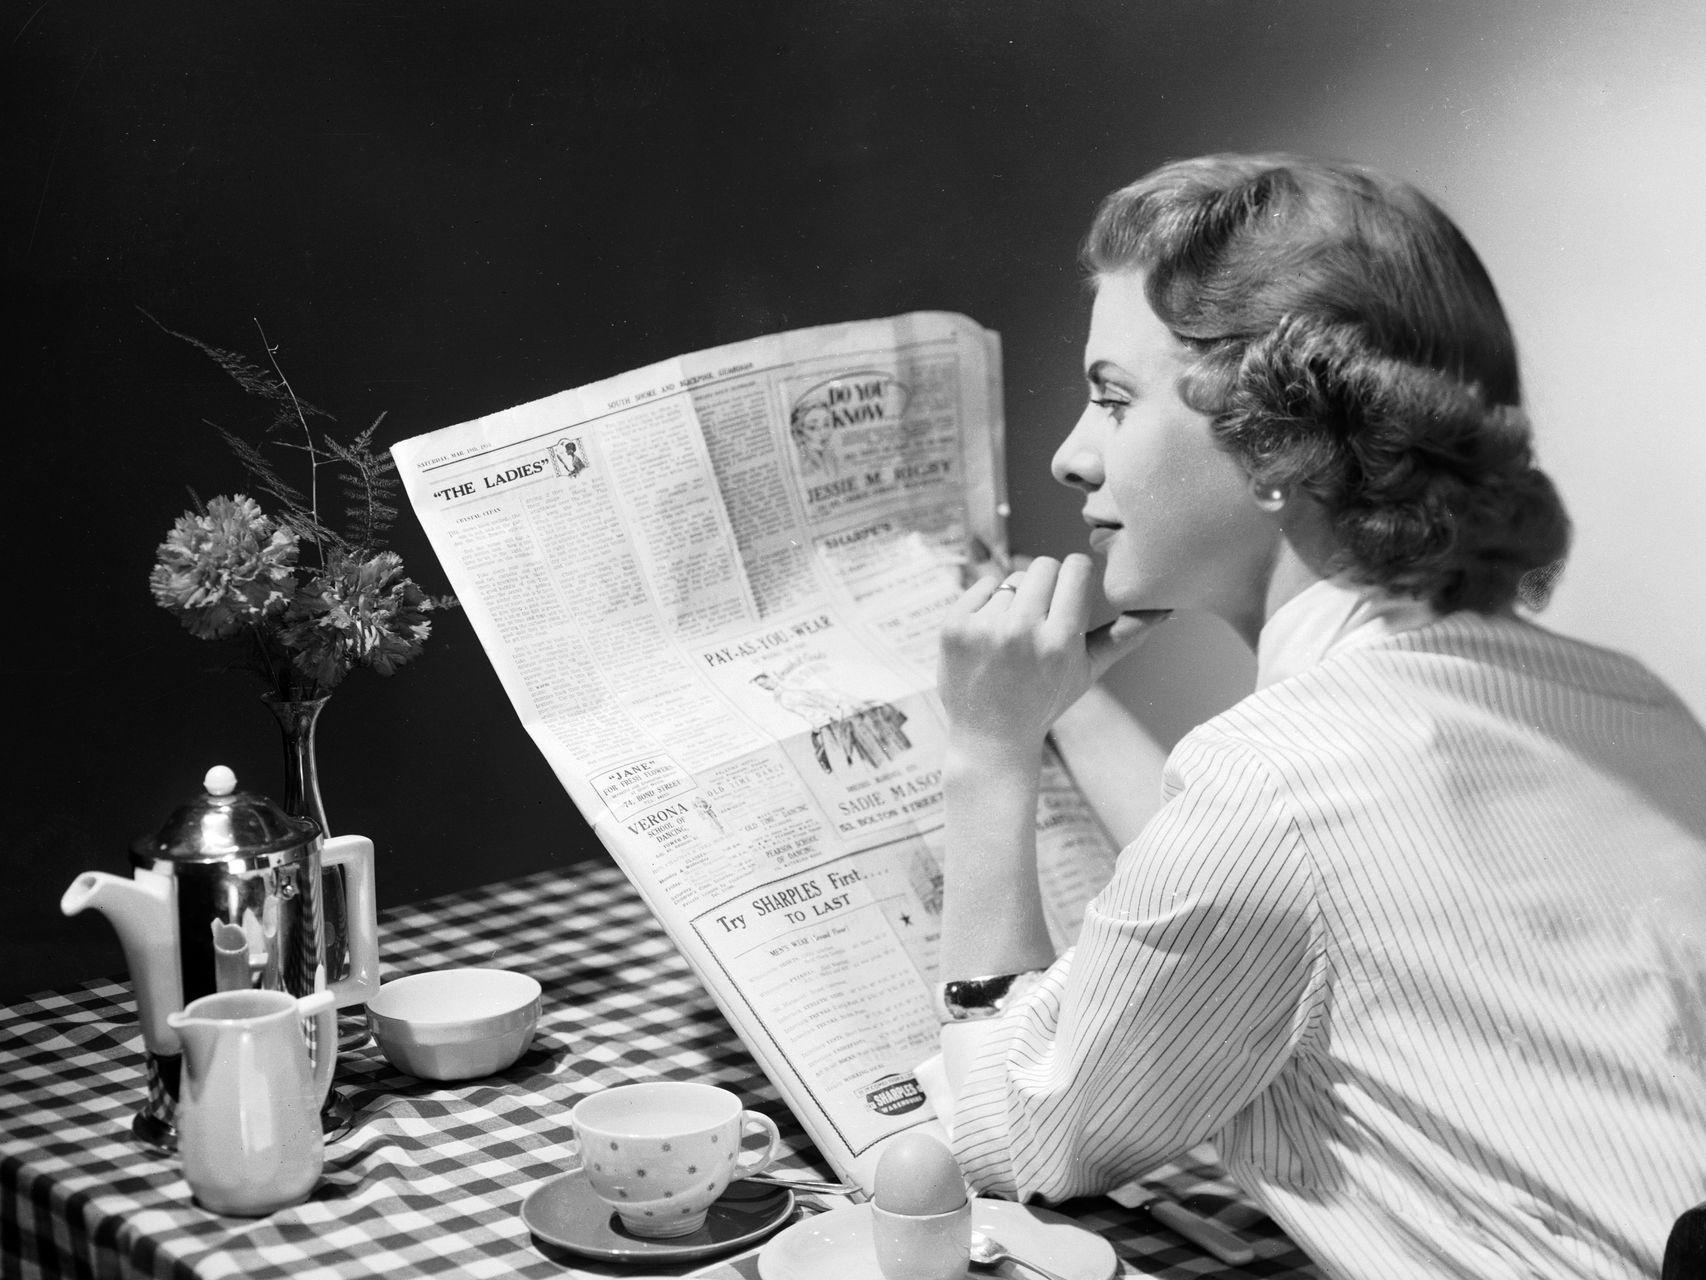 Tranquilo, el desayuno no es tan importante